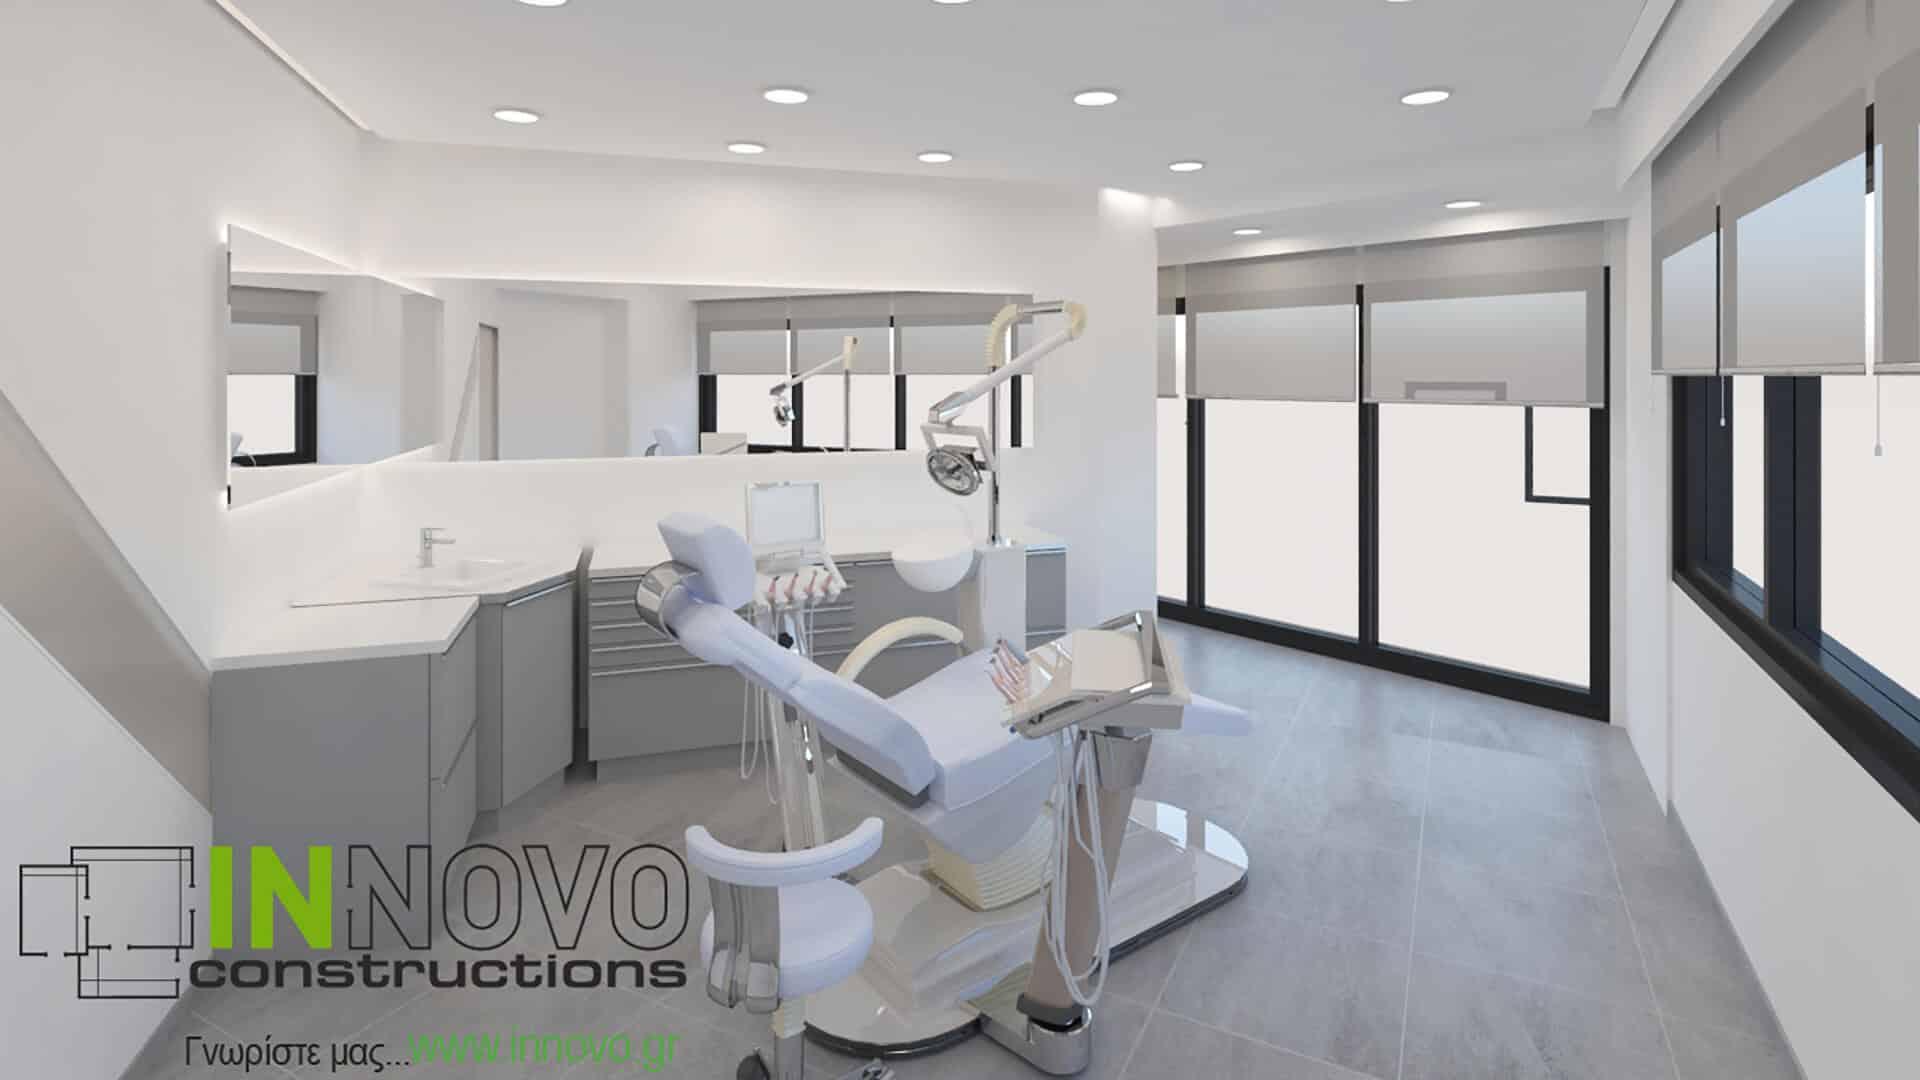 Σχεδιασμός ανακαίνισης οδοντιατρείου στο Παλαιό Φάληρο